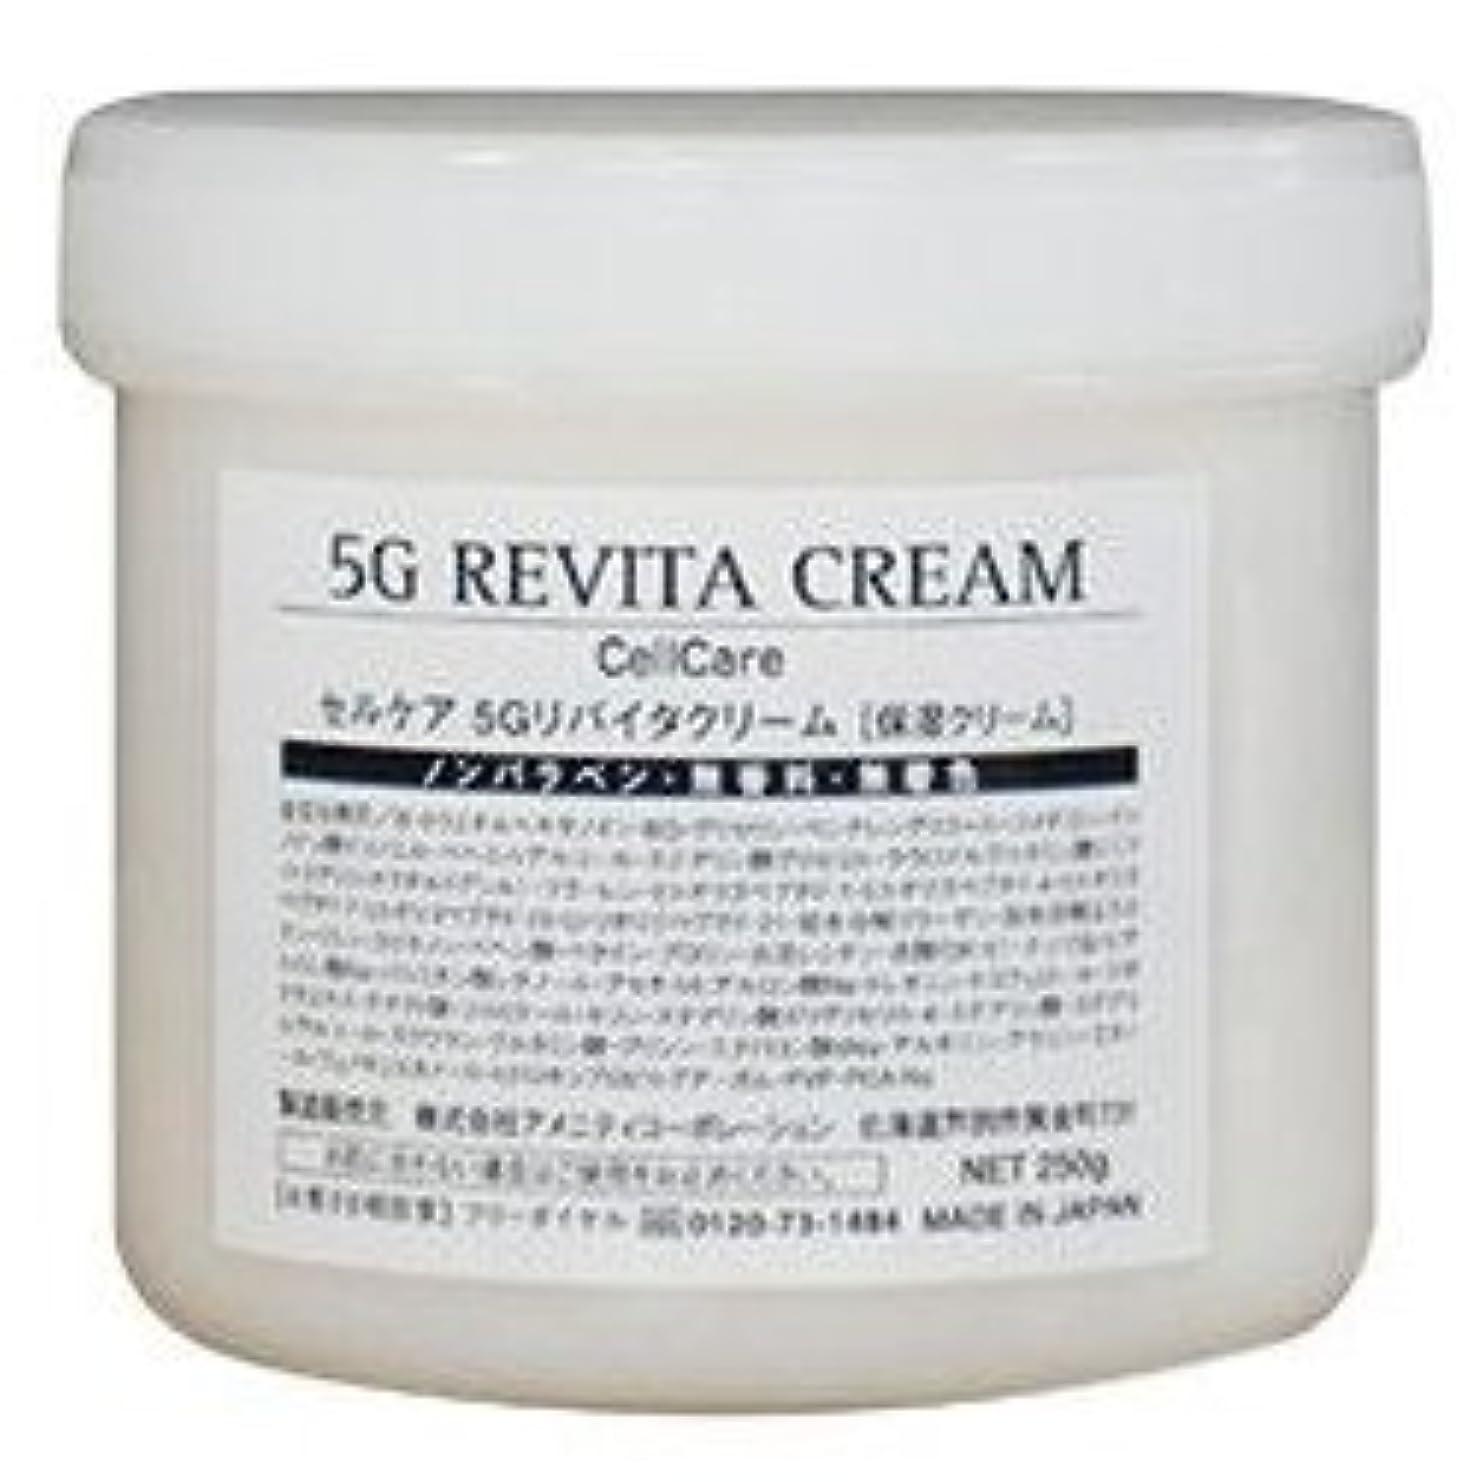 ウォーターフロント炭素選択セルケアGF プレミアム 5Gリバイタルクリーム 保湿クリーム お徳用250g